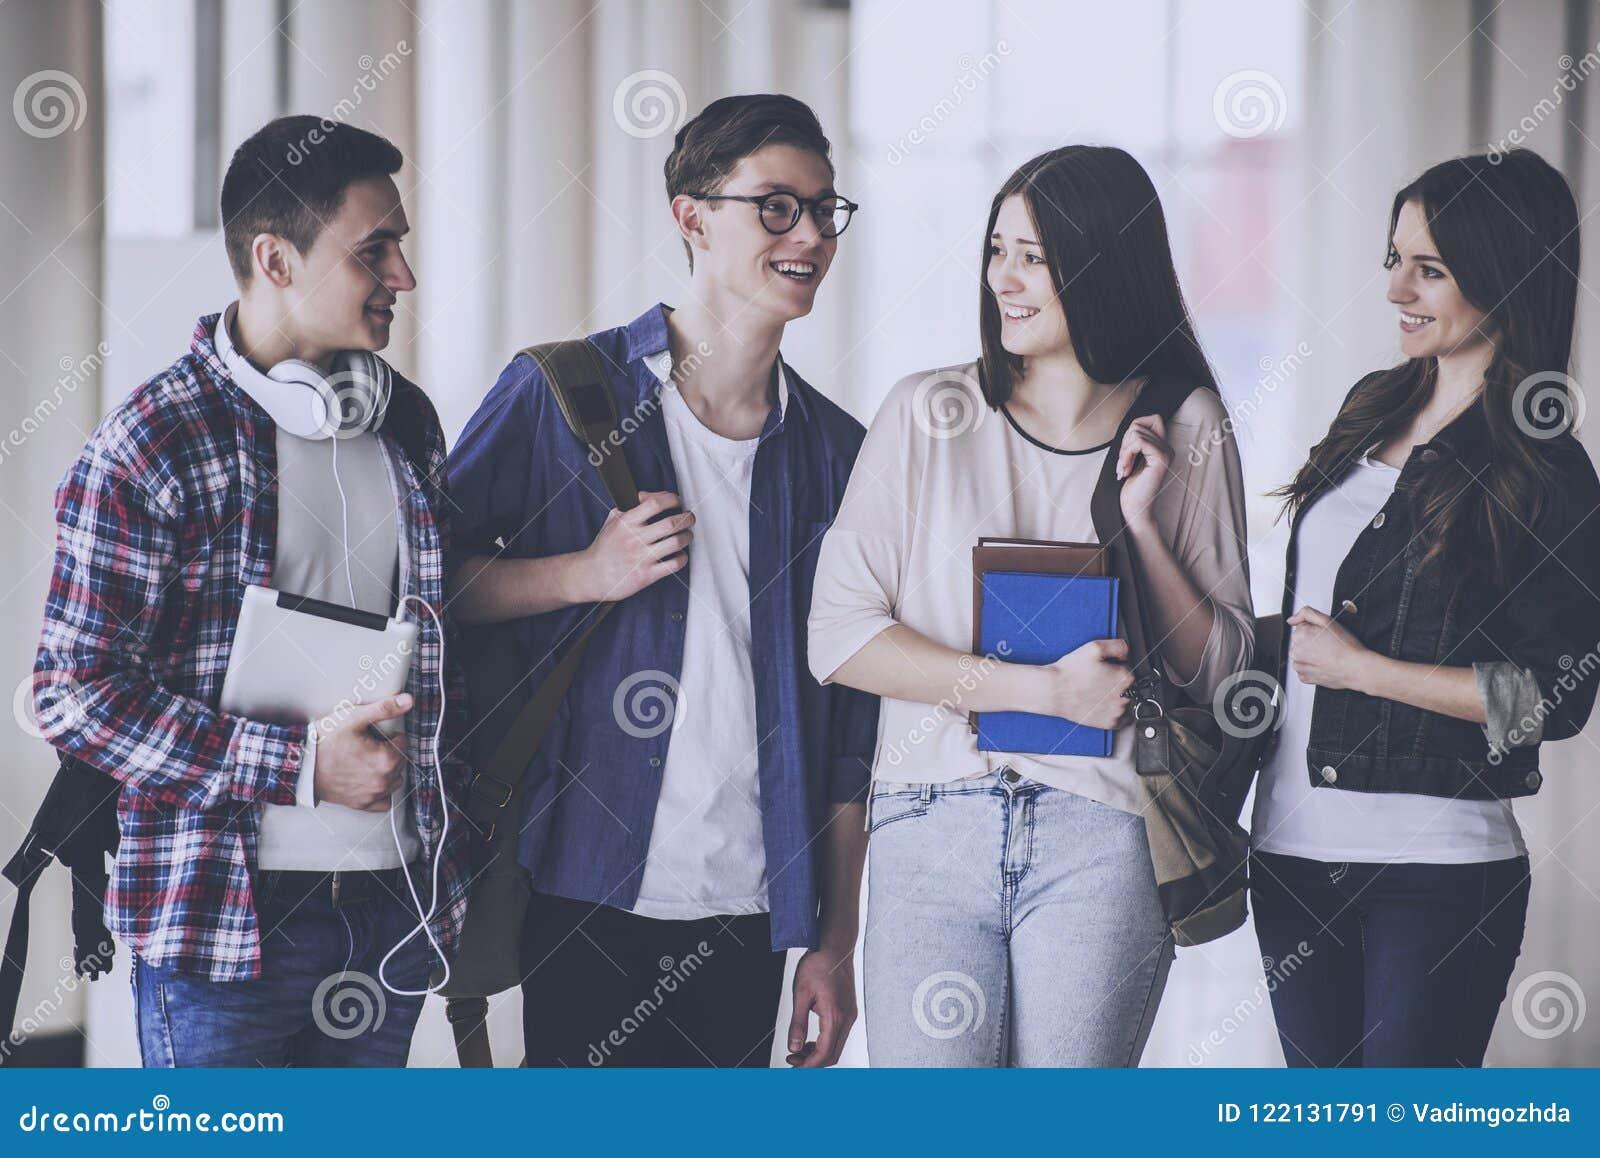 Los estudiantes jovenes felices están hablando en el Pasillo